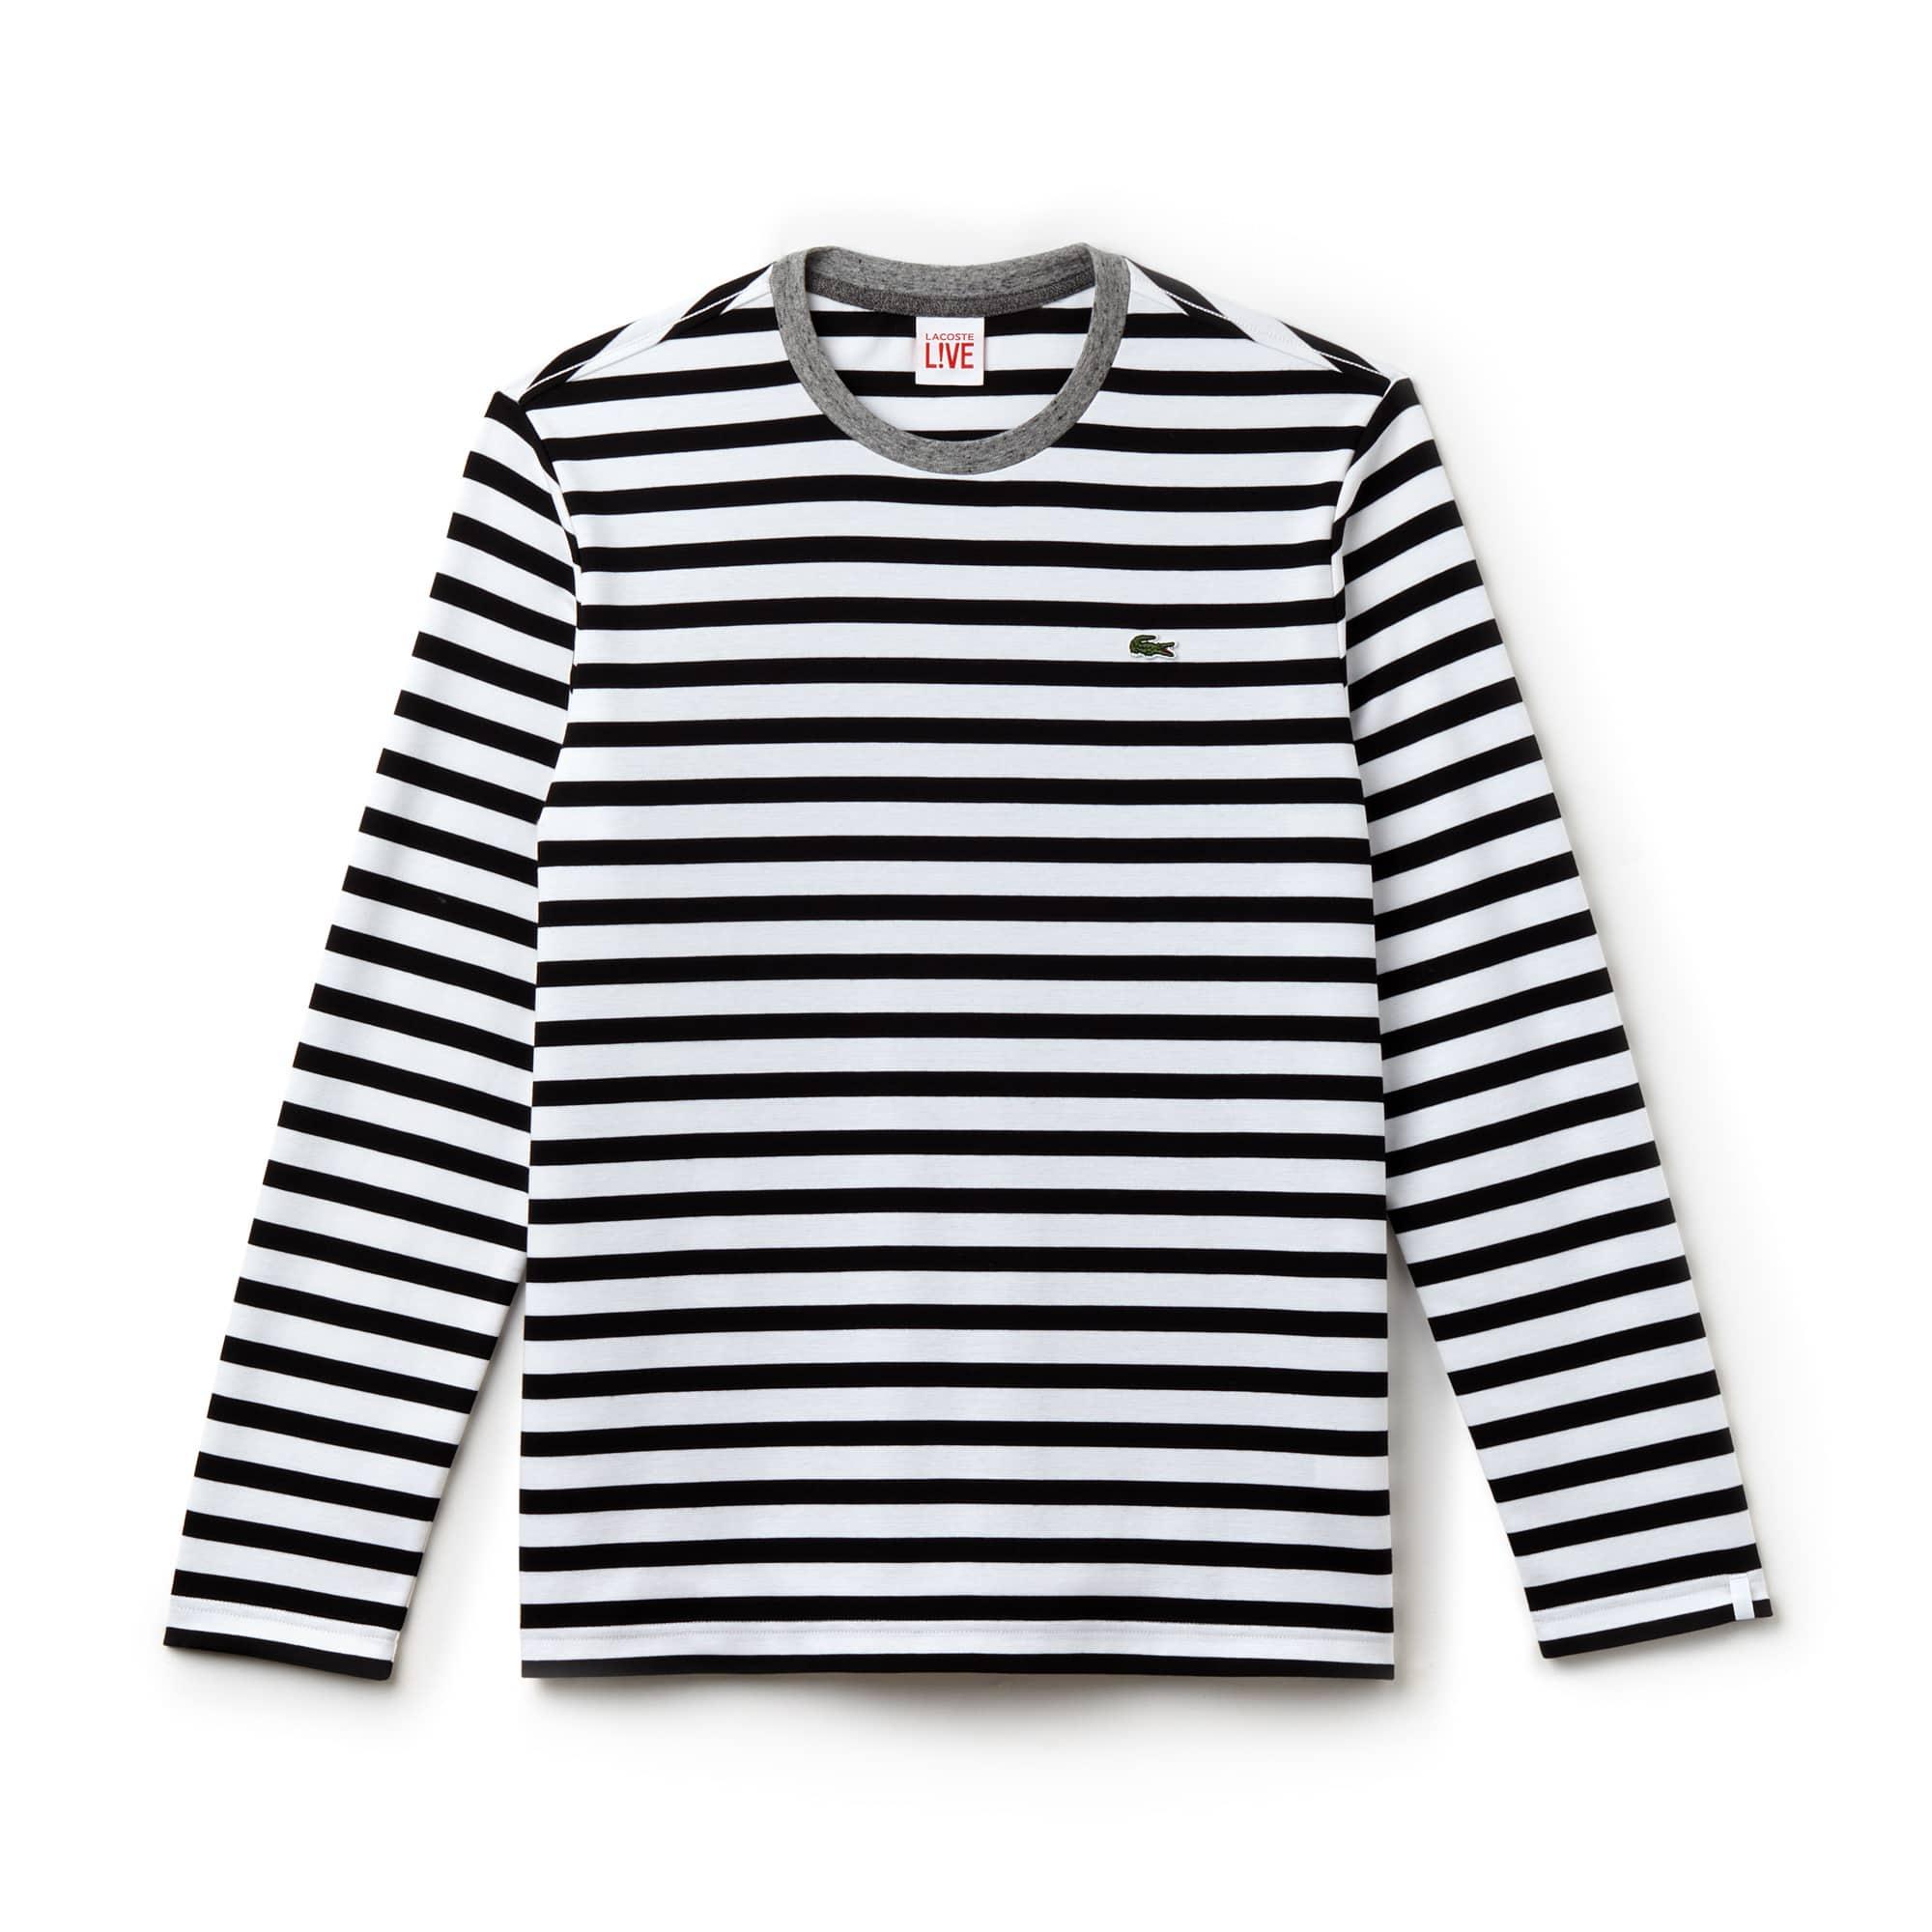 T-shirt de manga comprida marinheiro com colarinho a contrastar Lacoste LIVE em jersey de algodão